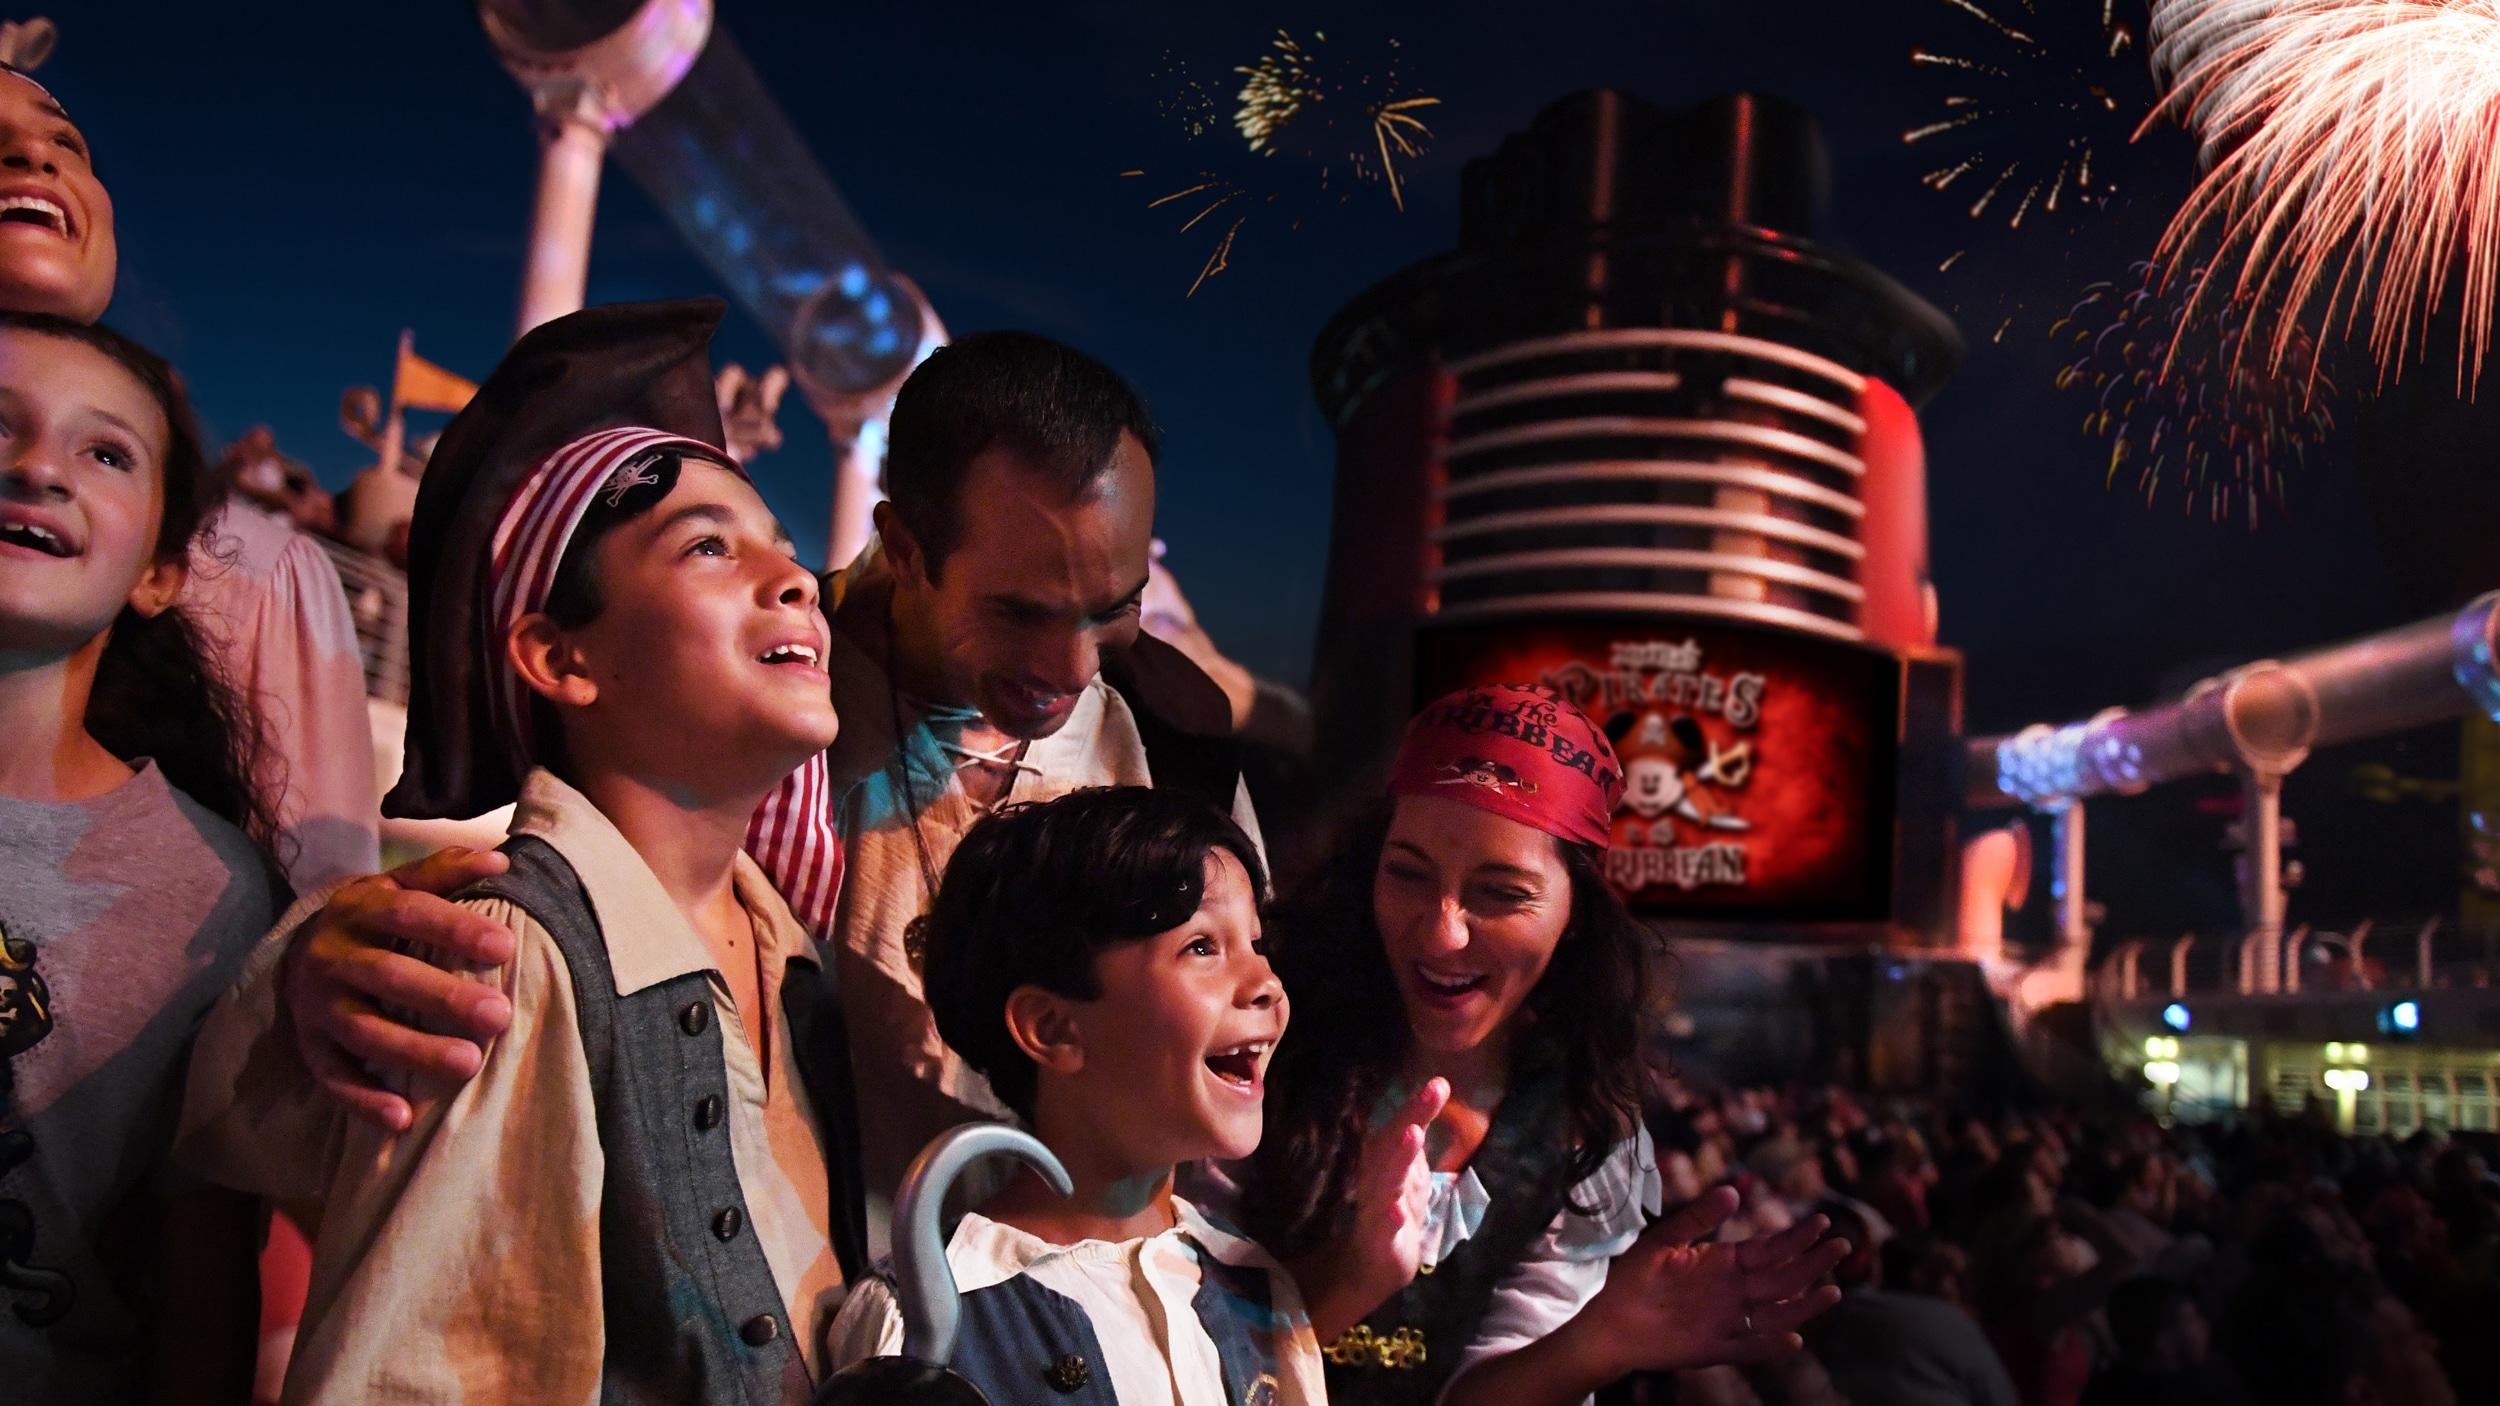 Fantasiados de pirata, os integrantes de uma família admiram os fogos de artifício em uma festa no deck da Disney Cruise Line.